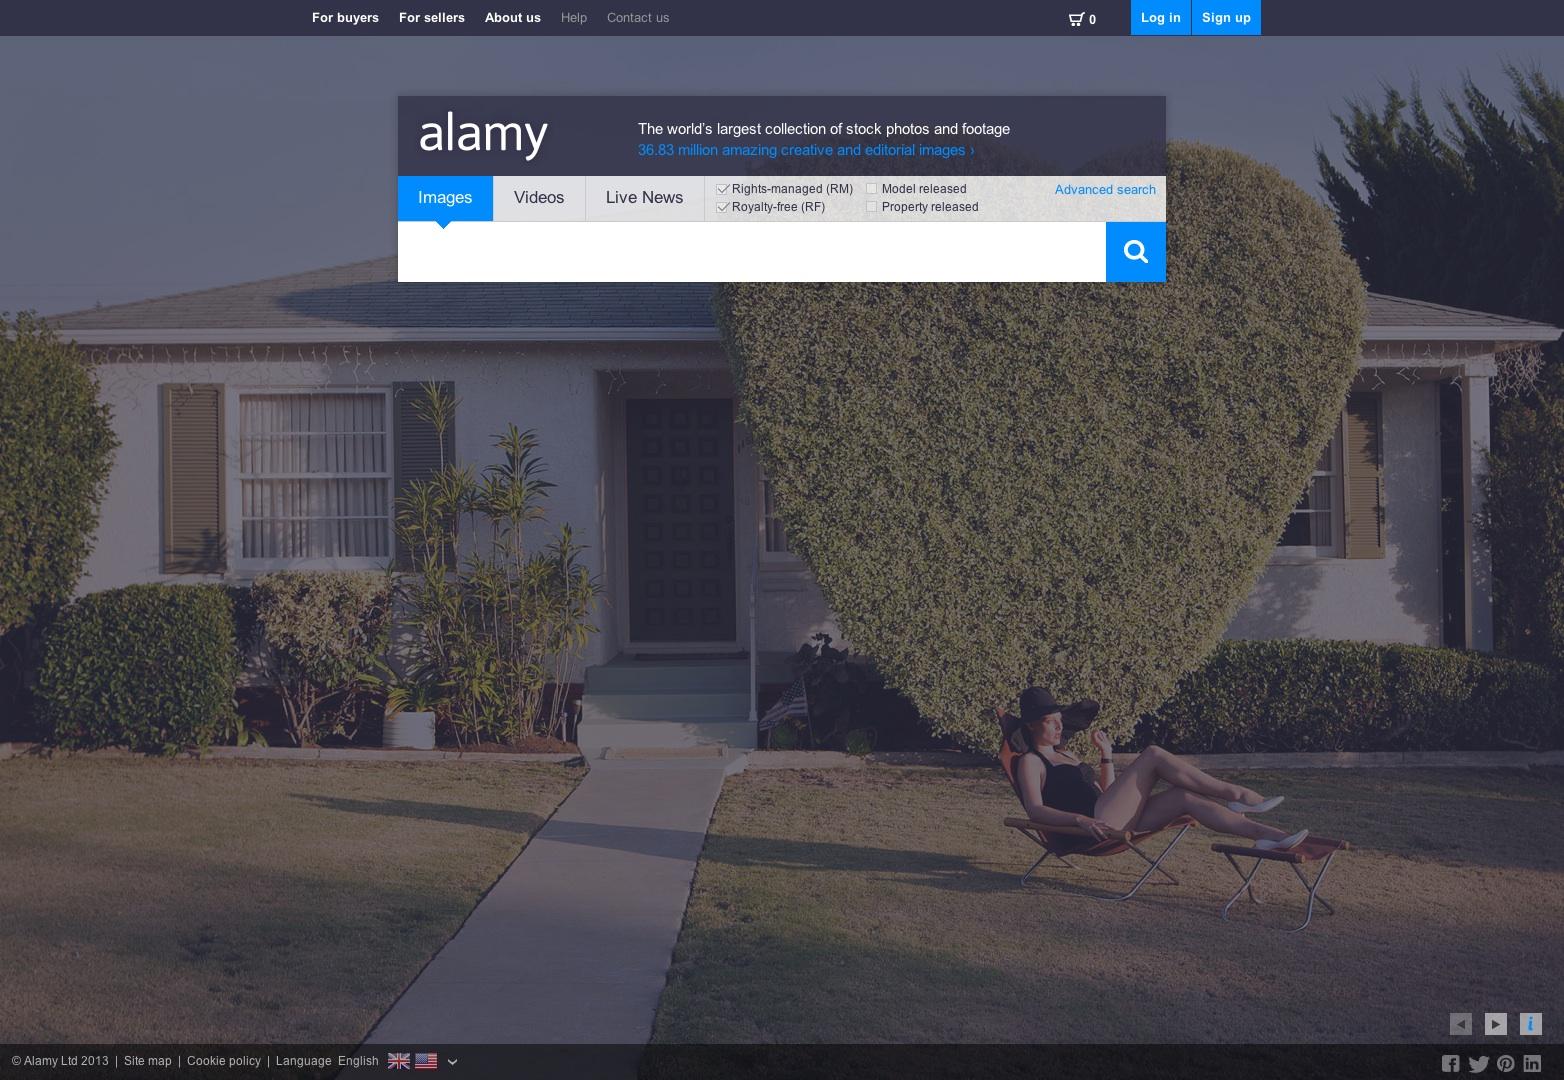 Fotos de stock e imágenes sin royalties: Fotografía de stock | Alamy